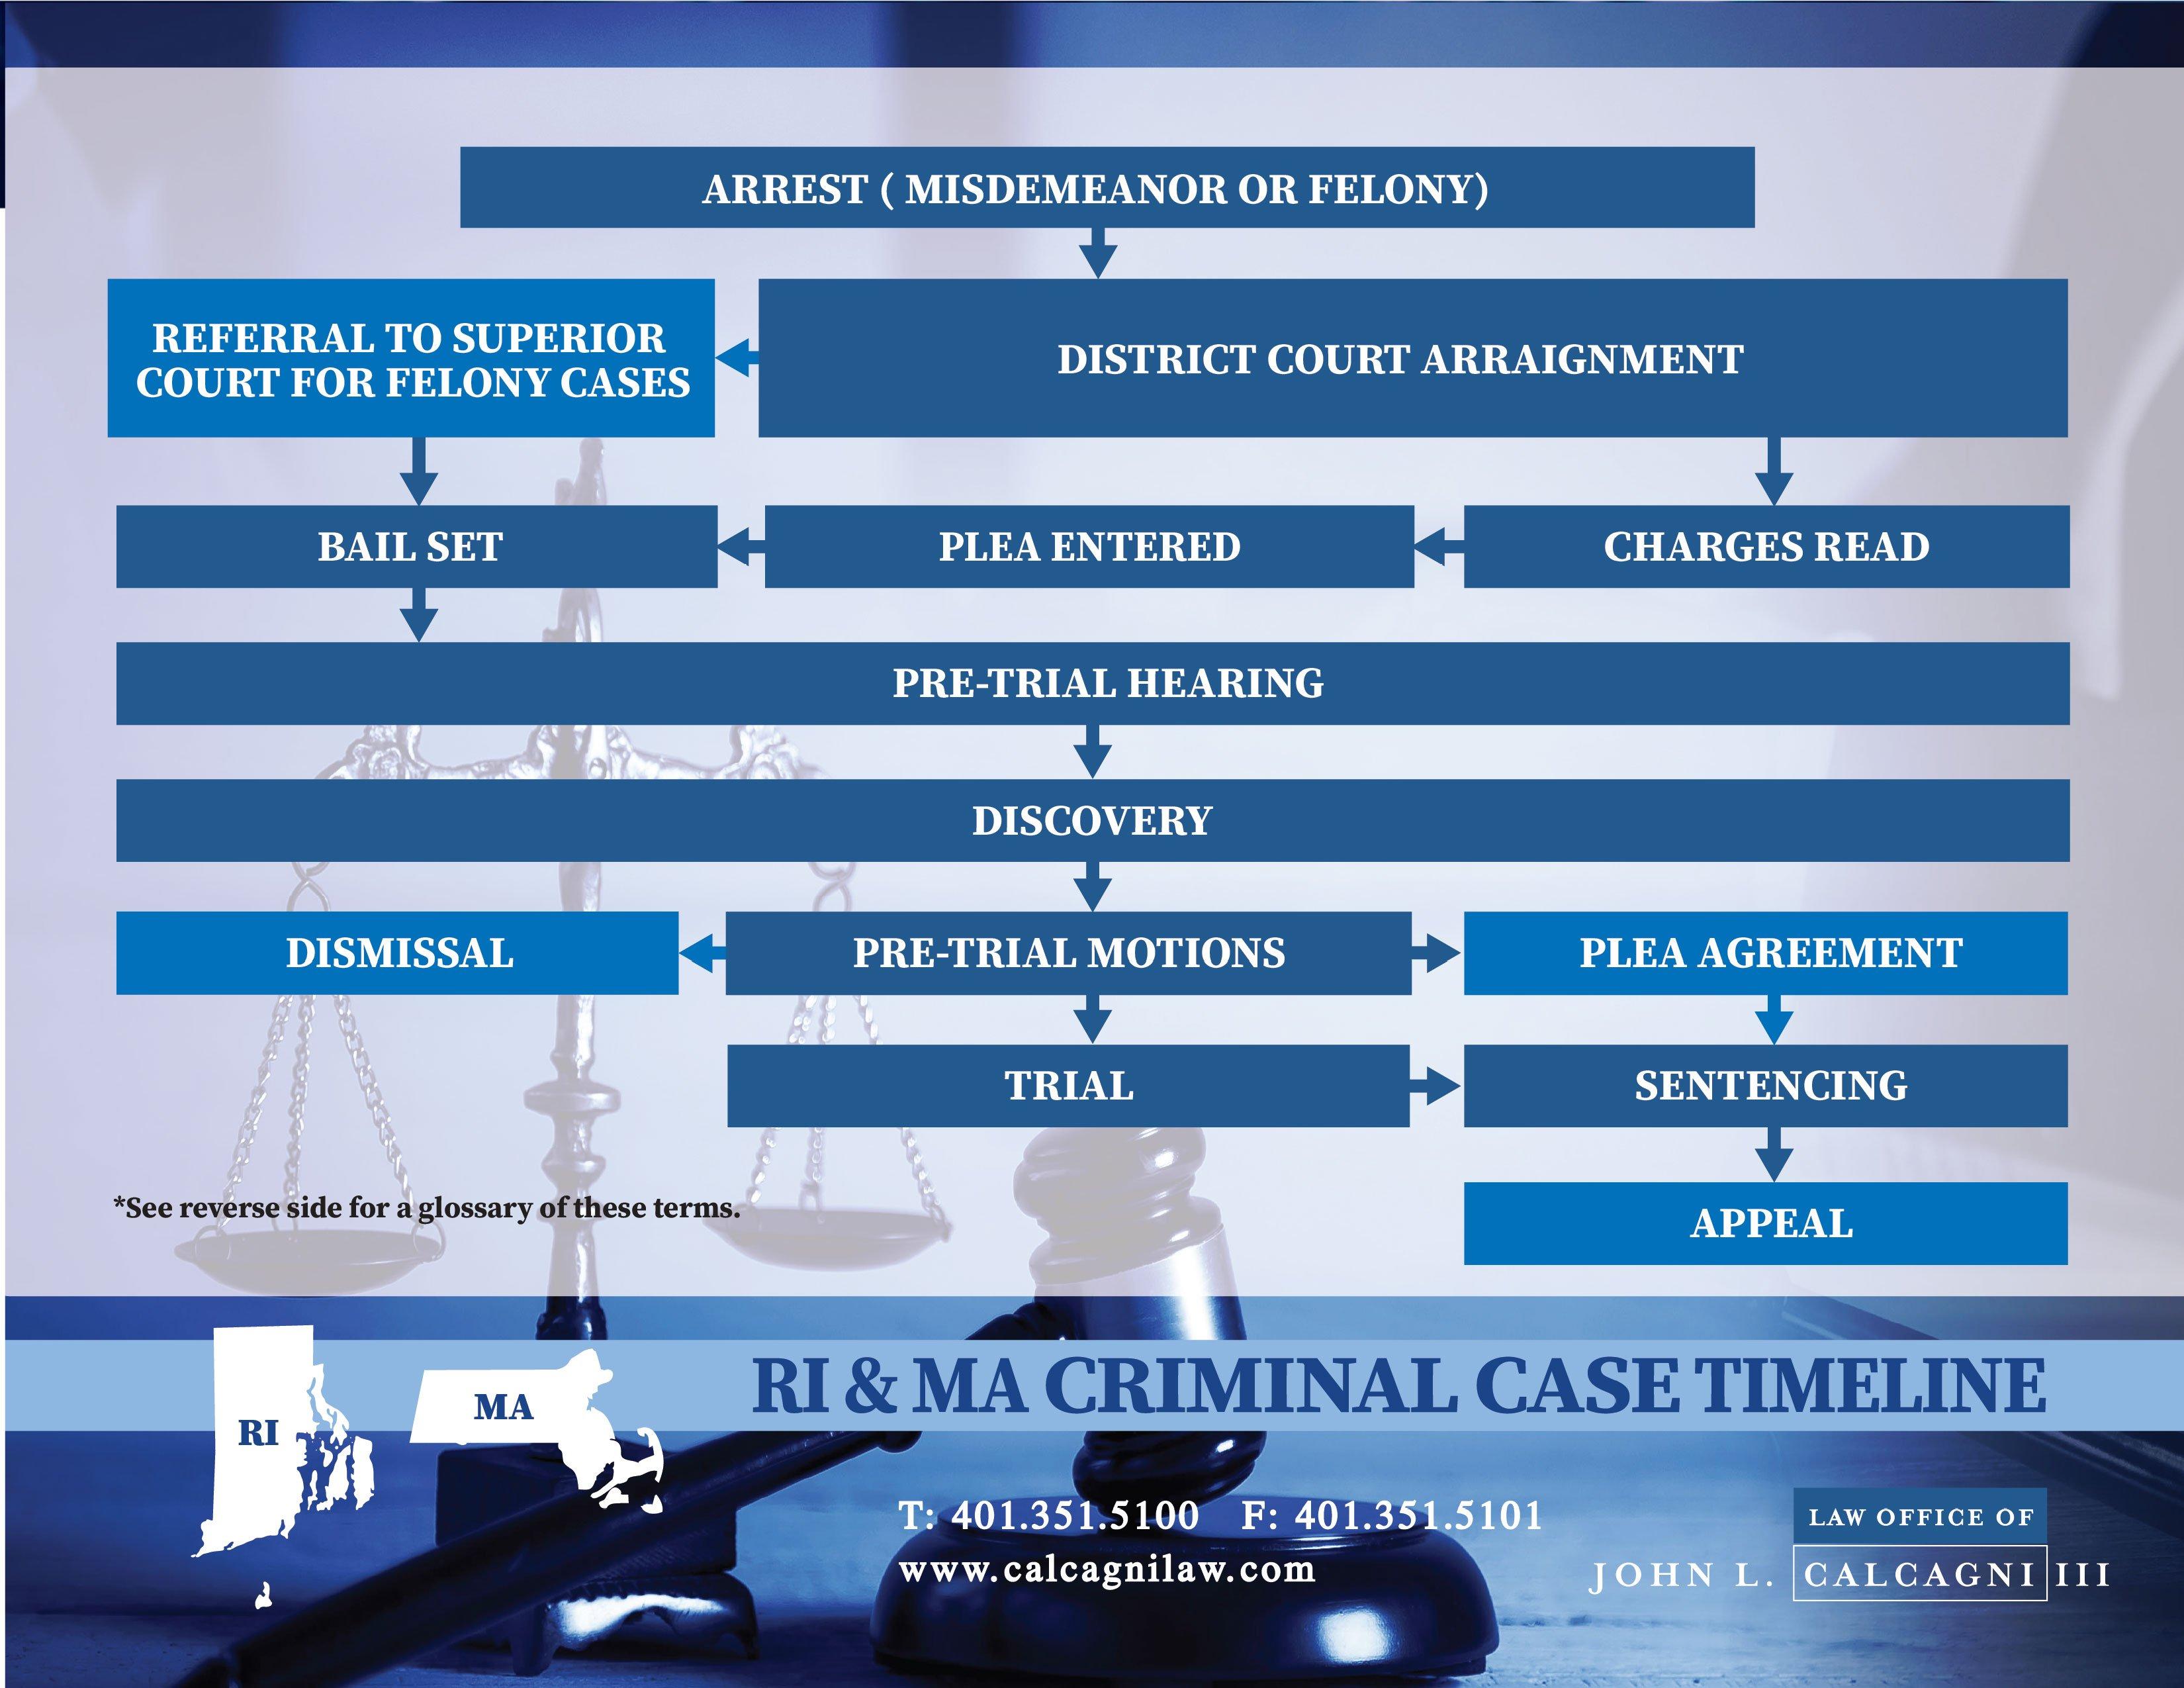 Rhode Island Criminal Case Timeline